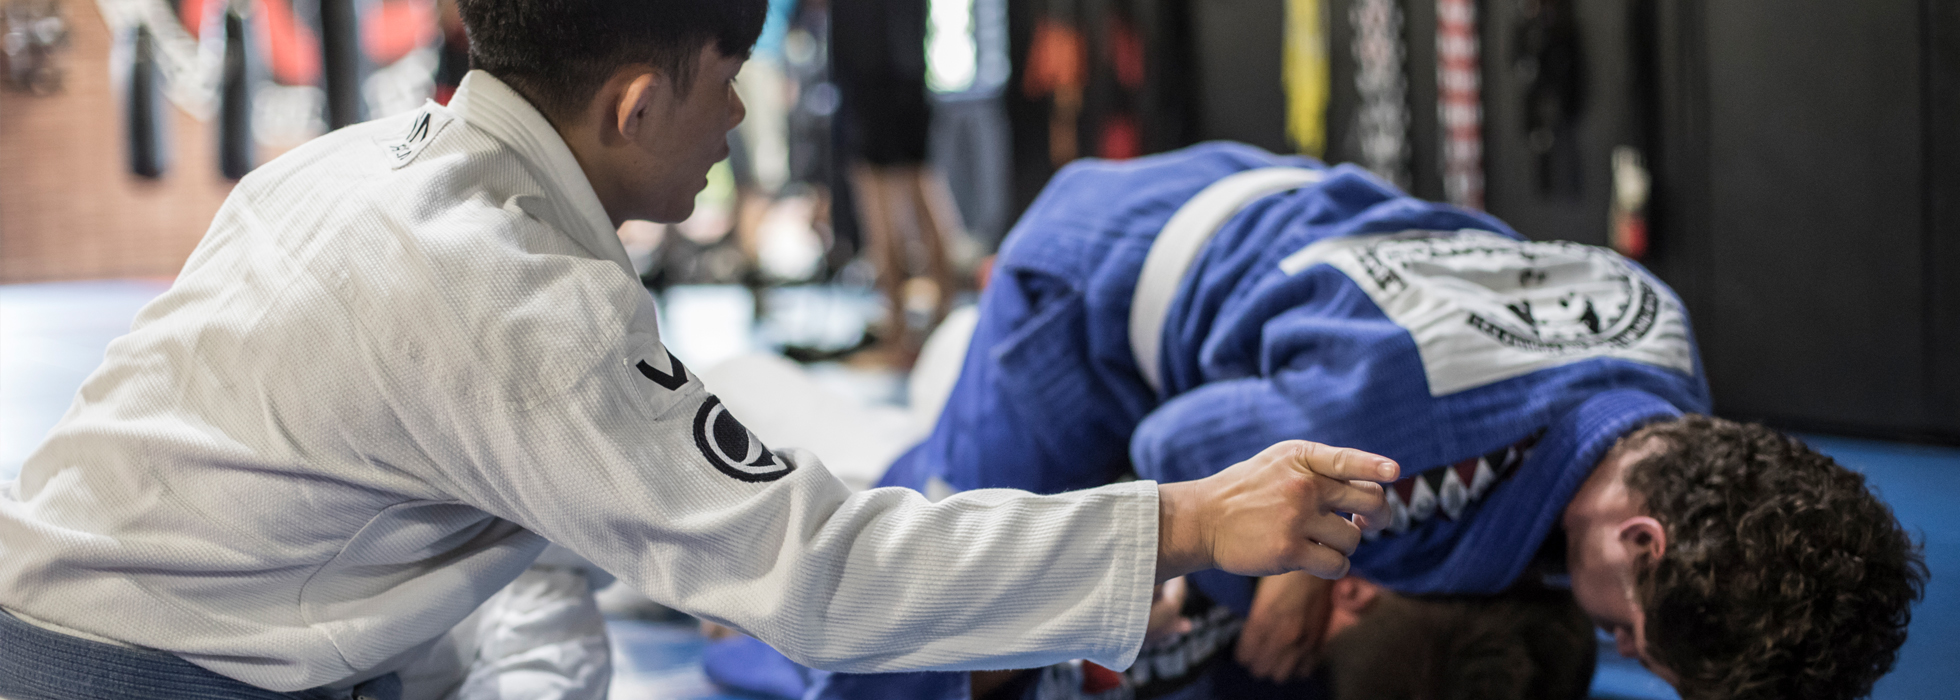 Boxing & Brazilian Jiu-Jitsu Classes for Kids near Atlanta GA, Boxing & Brazilian Jiu-Jitsu Classes for Kids near Cartersville GA, Boxing & Brazilian Jiu-Jitsu Classes for Kids near Chamblee GA, Boxing & Brazilian Jiu-Jitsu Classes for Kids near Midtown Atlanta GA, Boxing & Brazilian Jiu-Jitsu Classes for Kids near Sandy Springs GA, Boxing & Brazilian Jiu-Jitsu Classes for Kids near Dacula GA